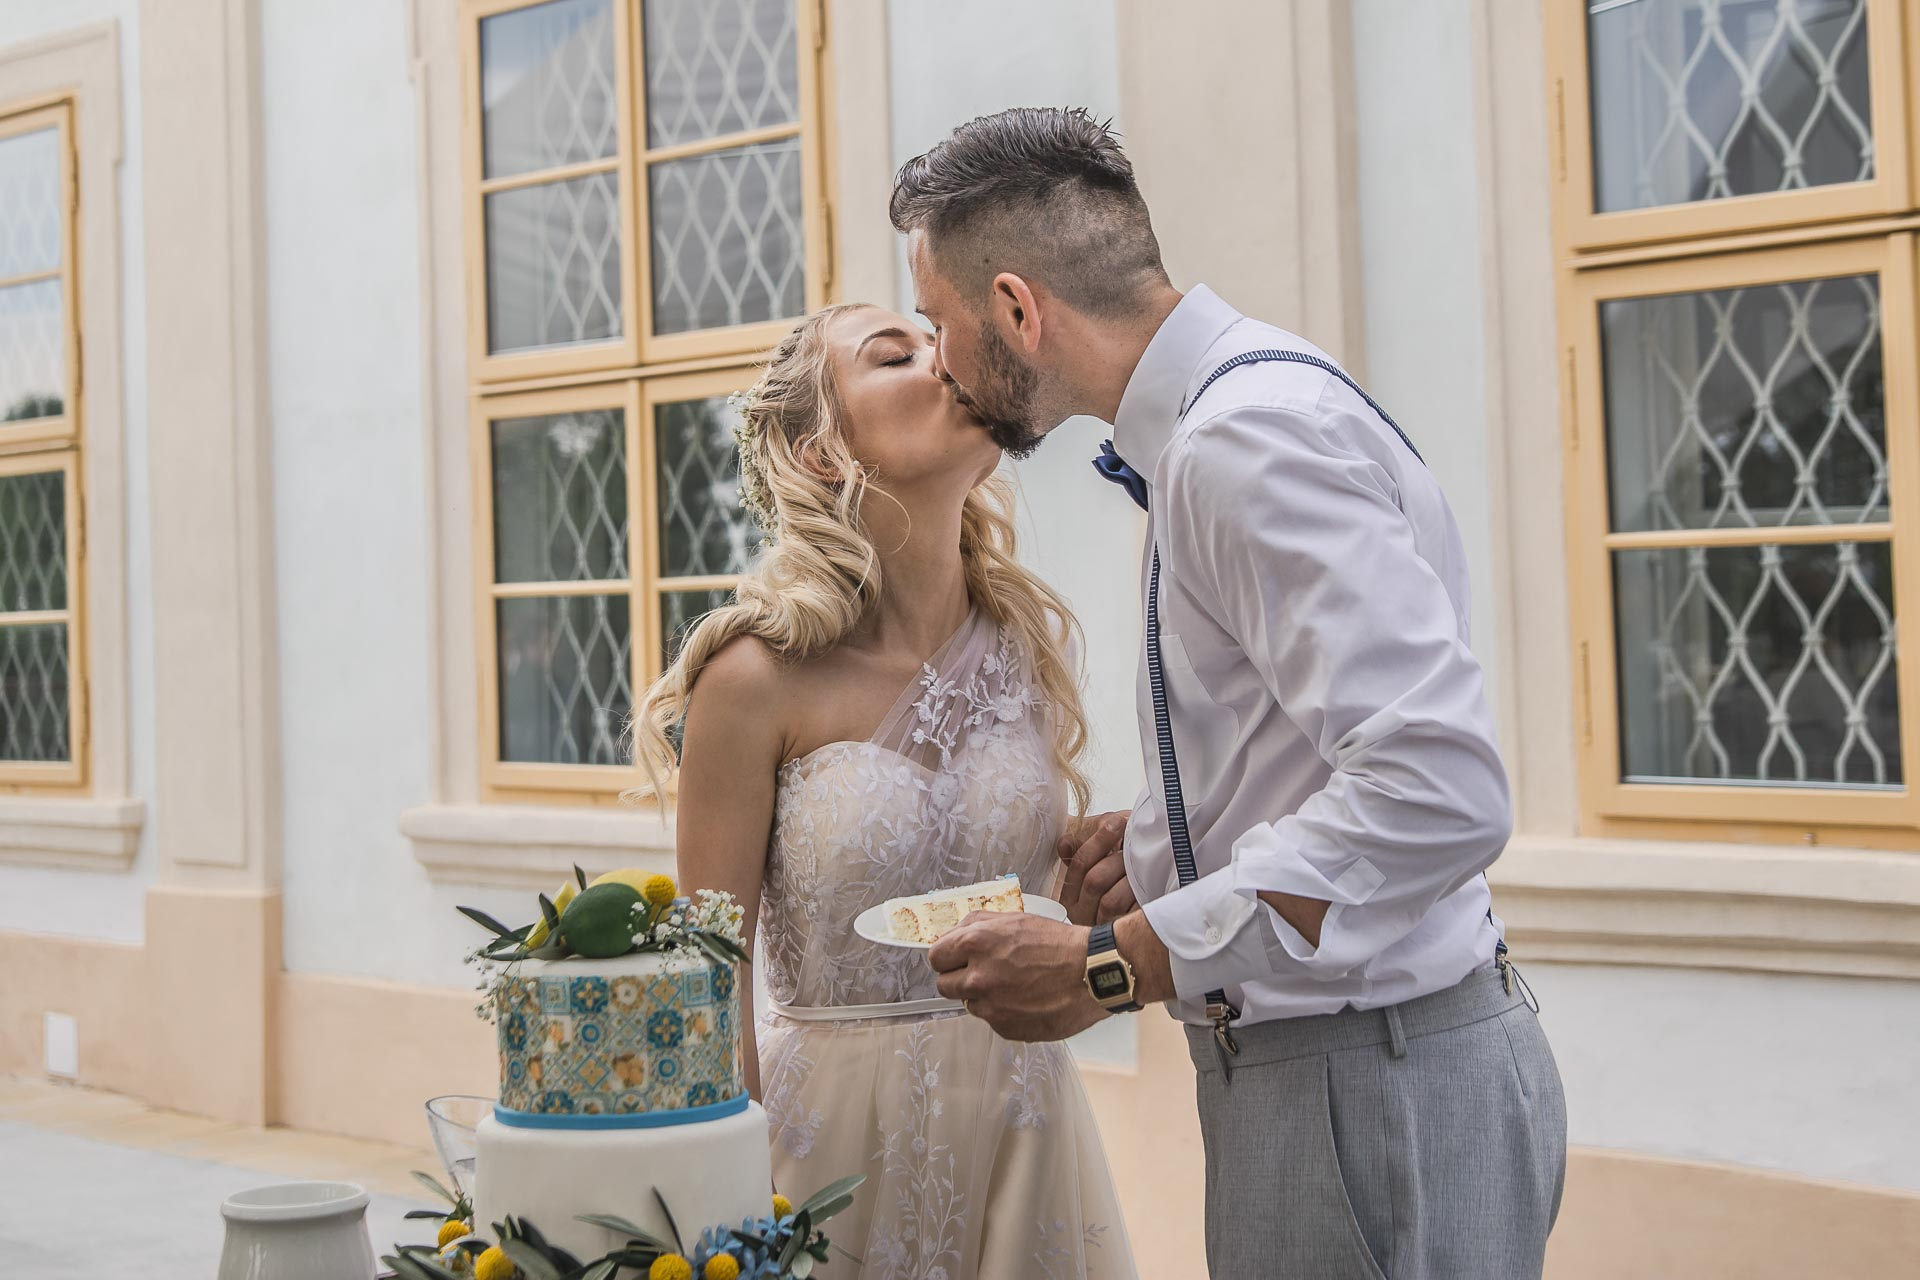 svatební-fotograf-zámek-Loučeň-svatební-video-zámek-Loučeň-4426